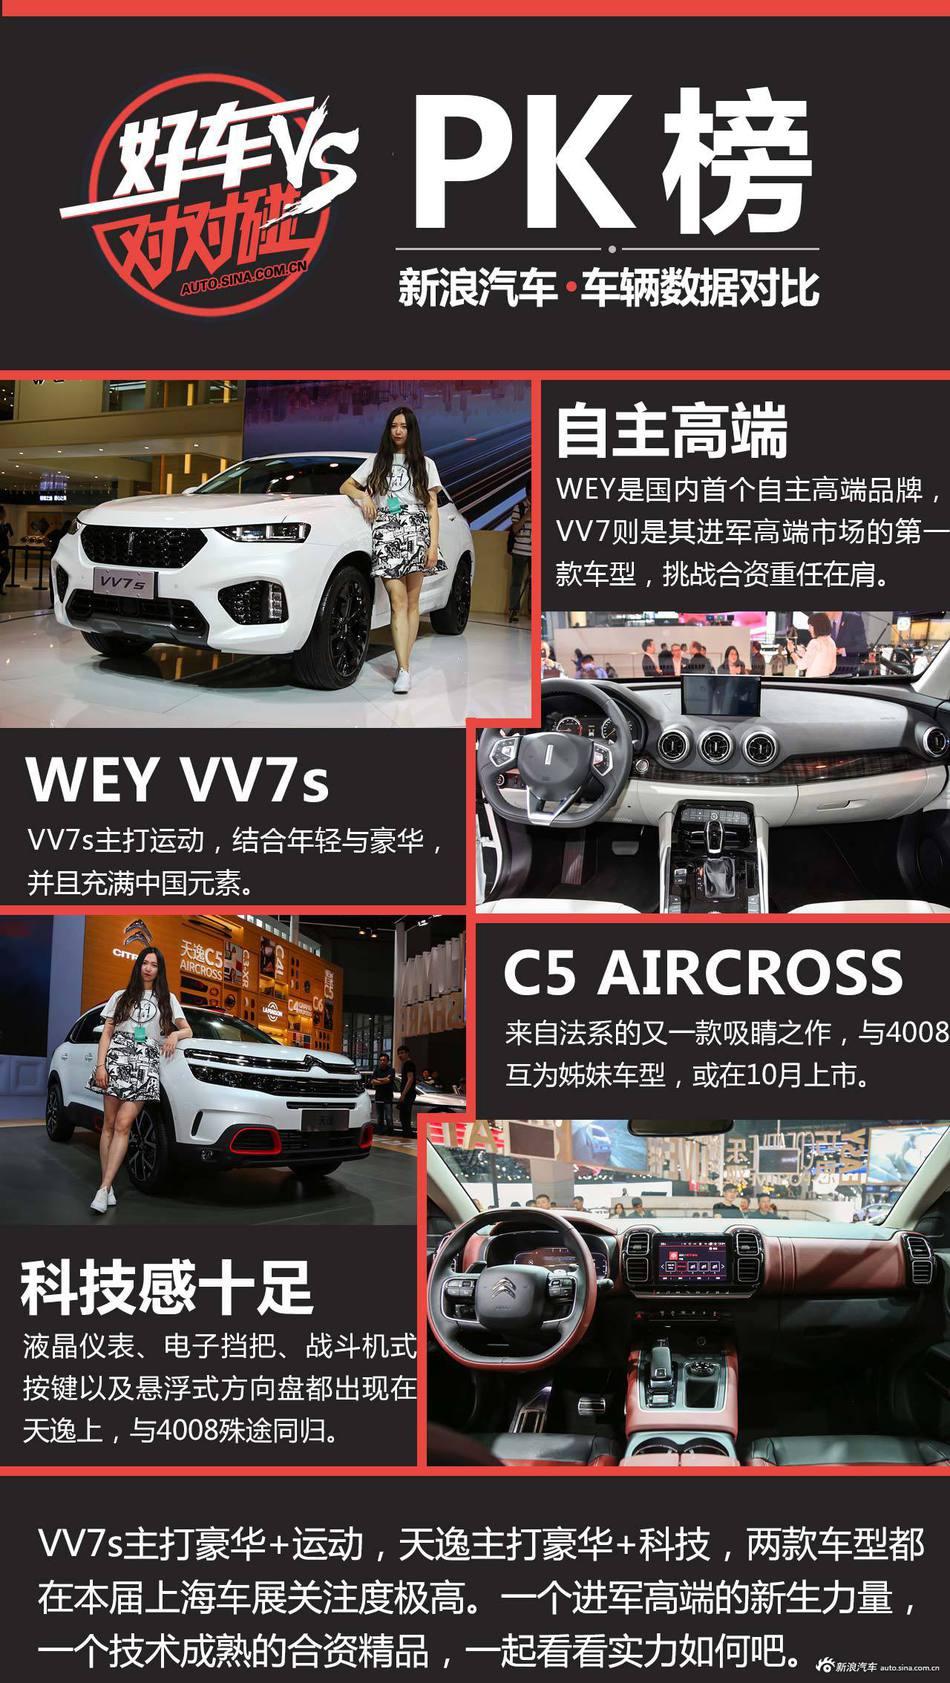 VV7 VS 天逸